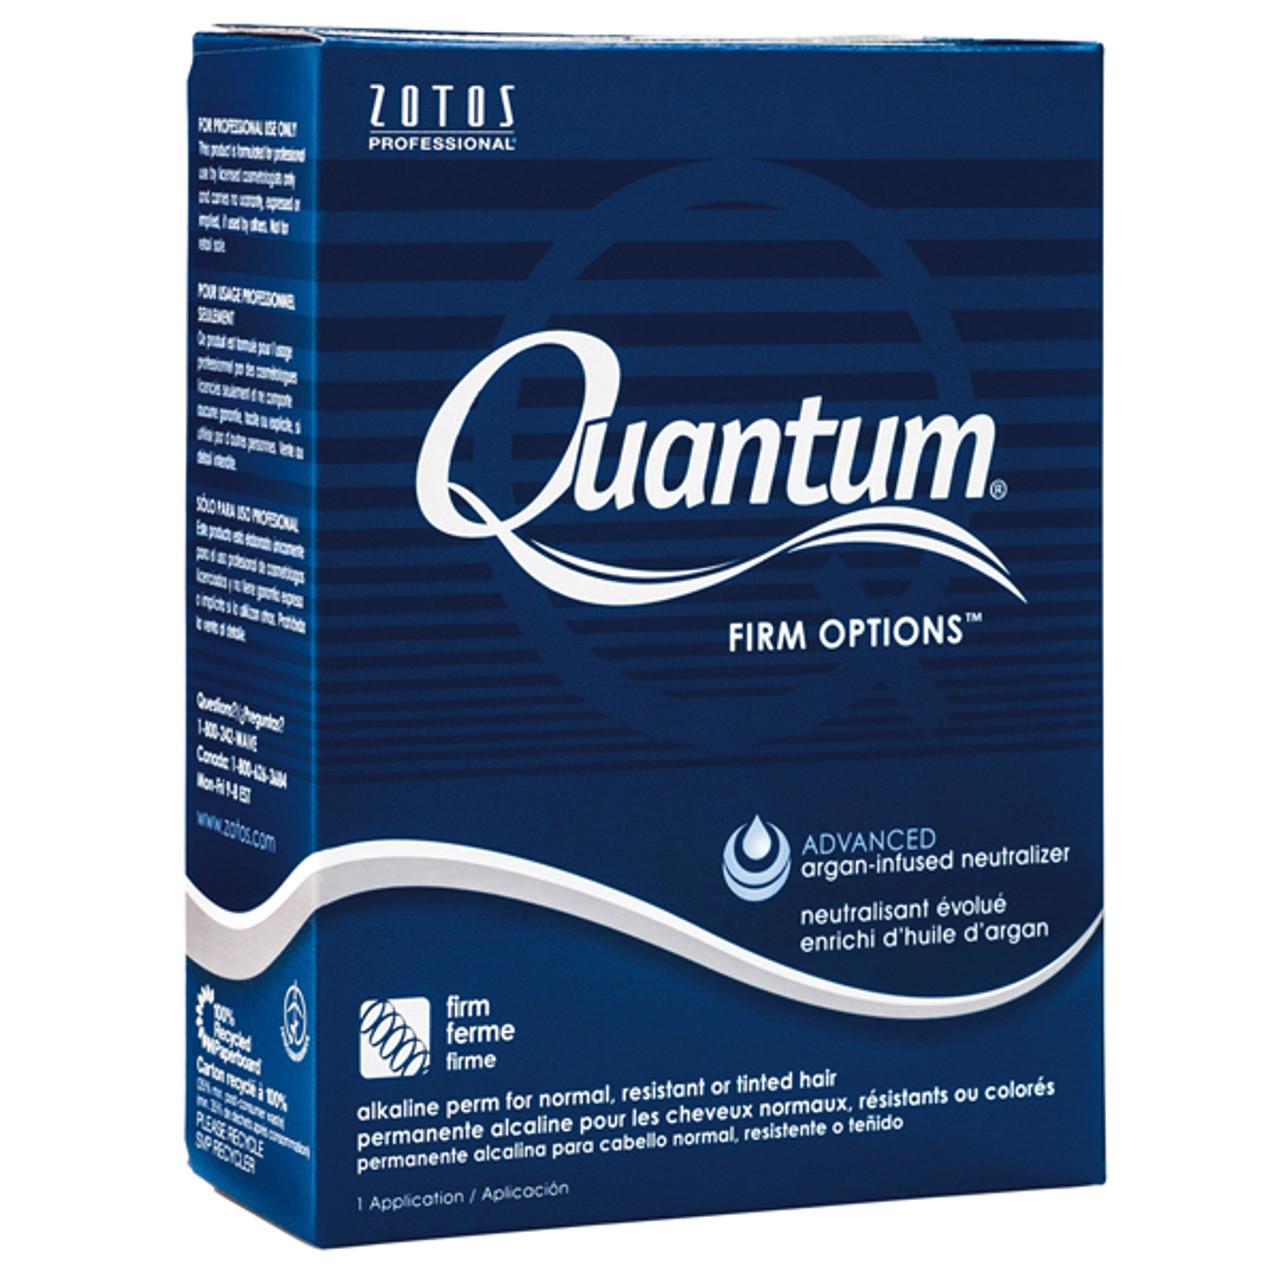 Quantum Firm Buffered Alkaline